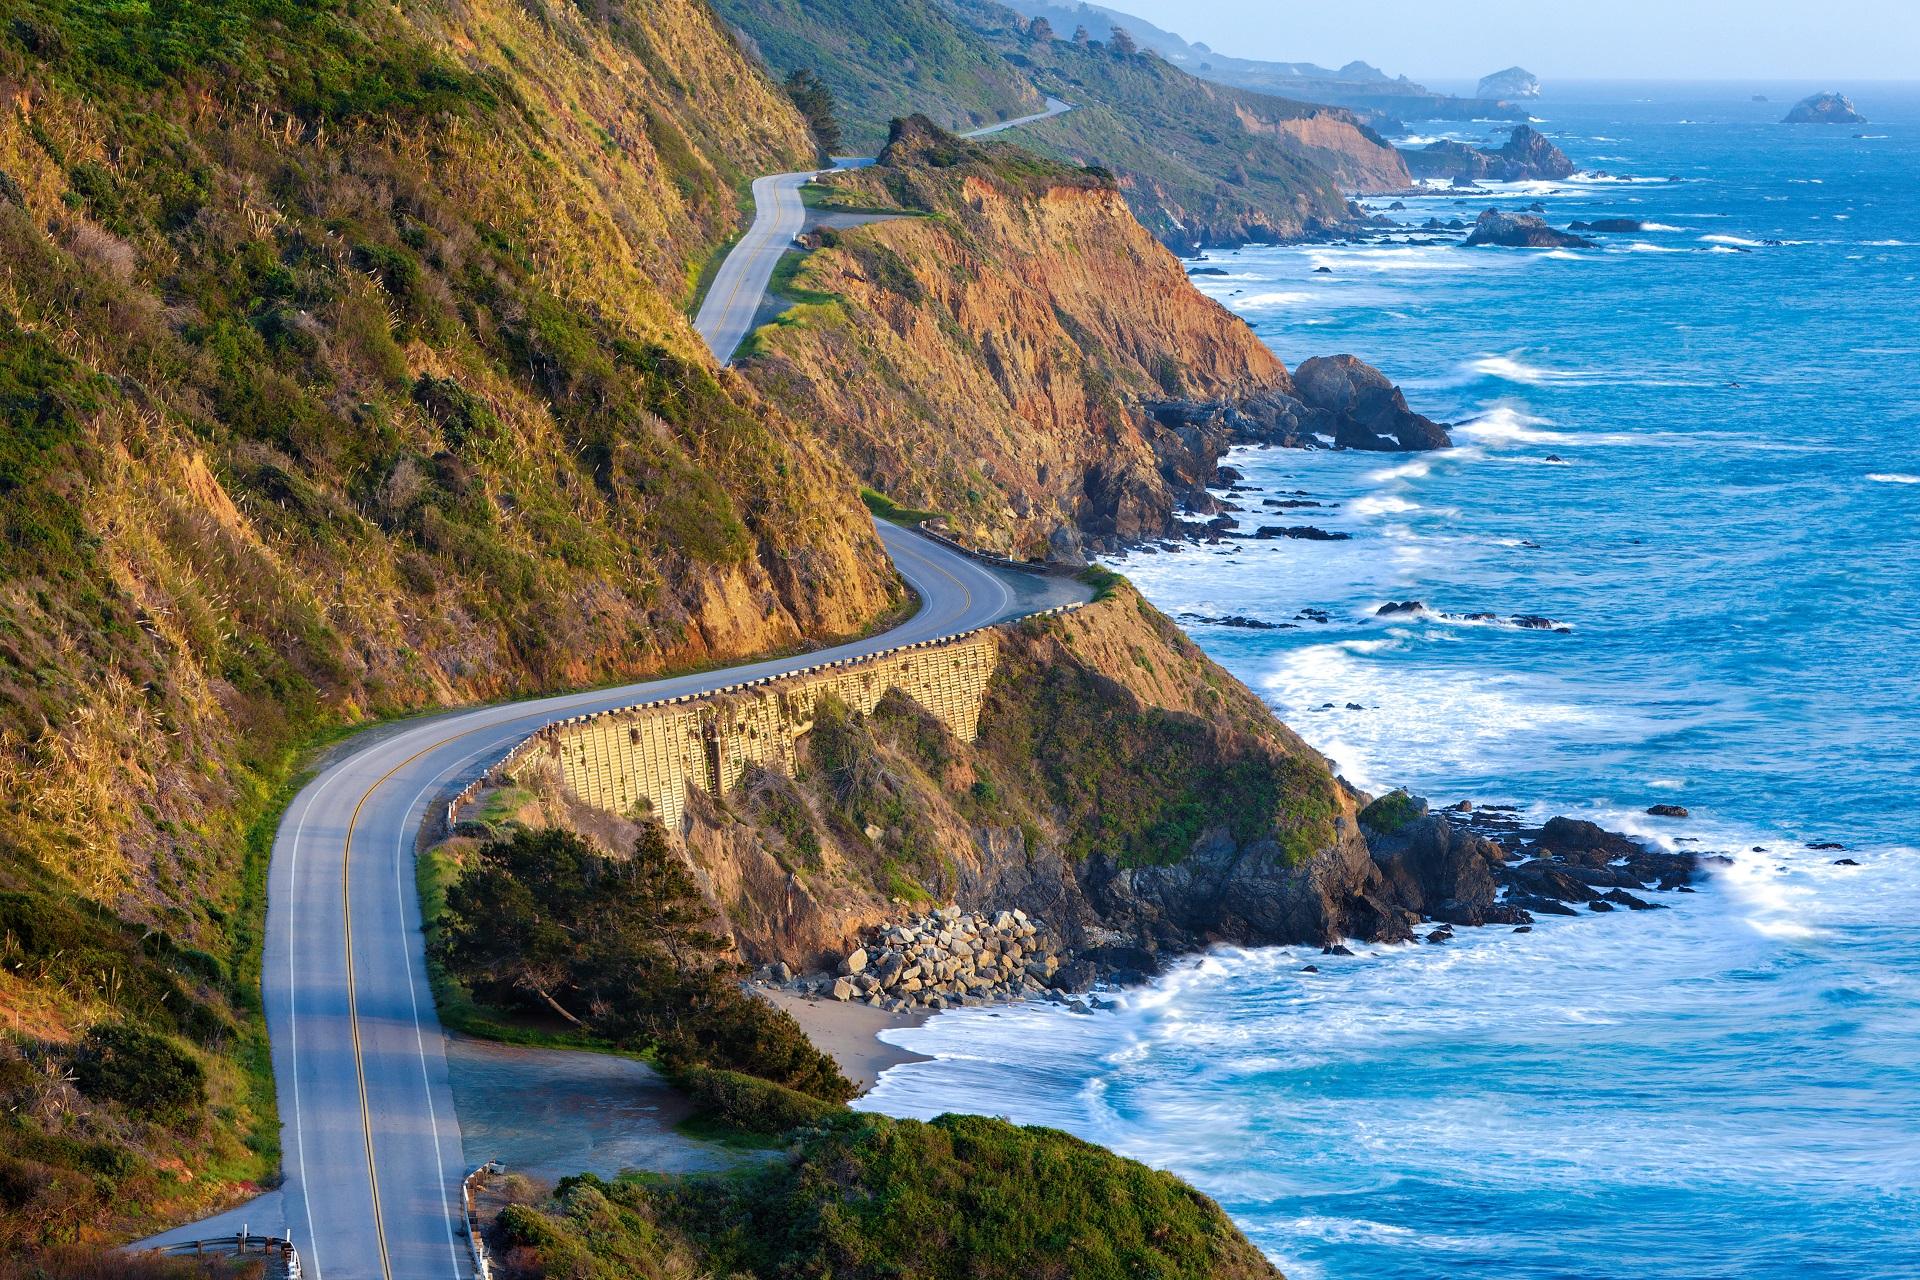 urlaubsguru.de_highway-1-los-angeles-morro-bay-san-francisco.jpg